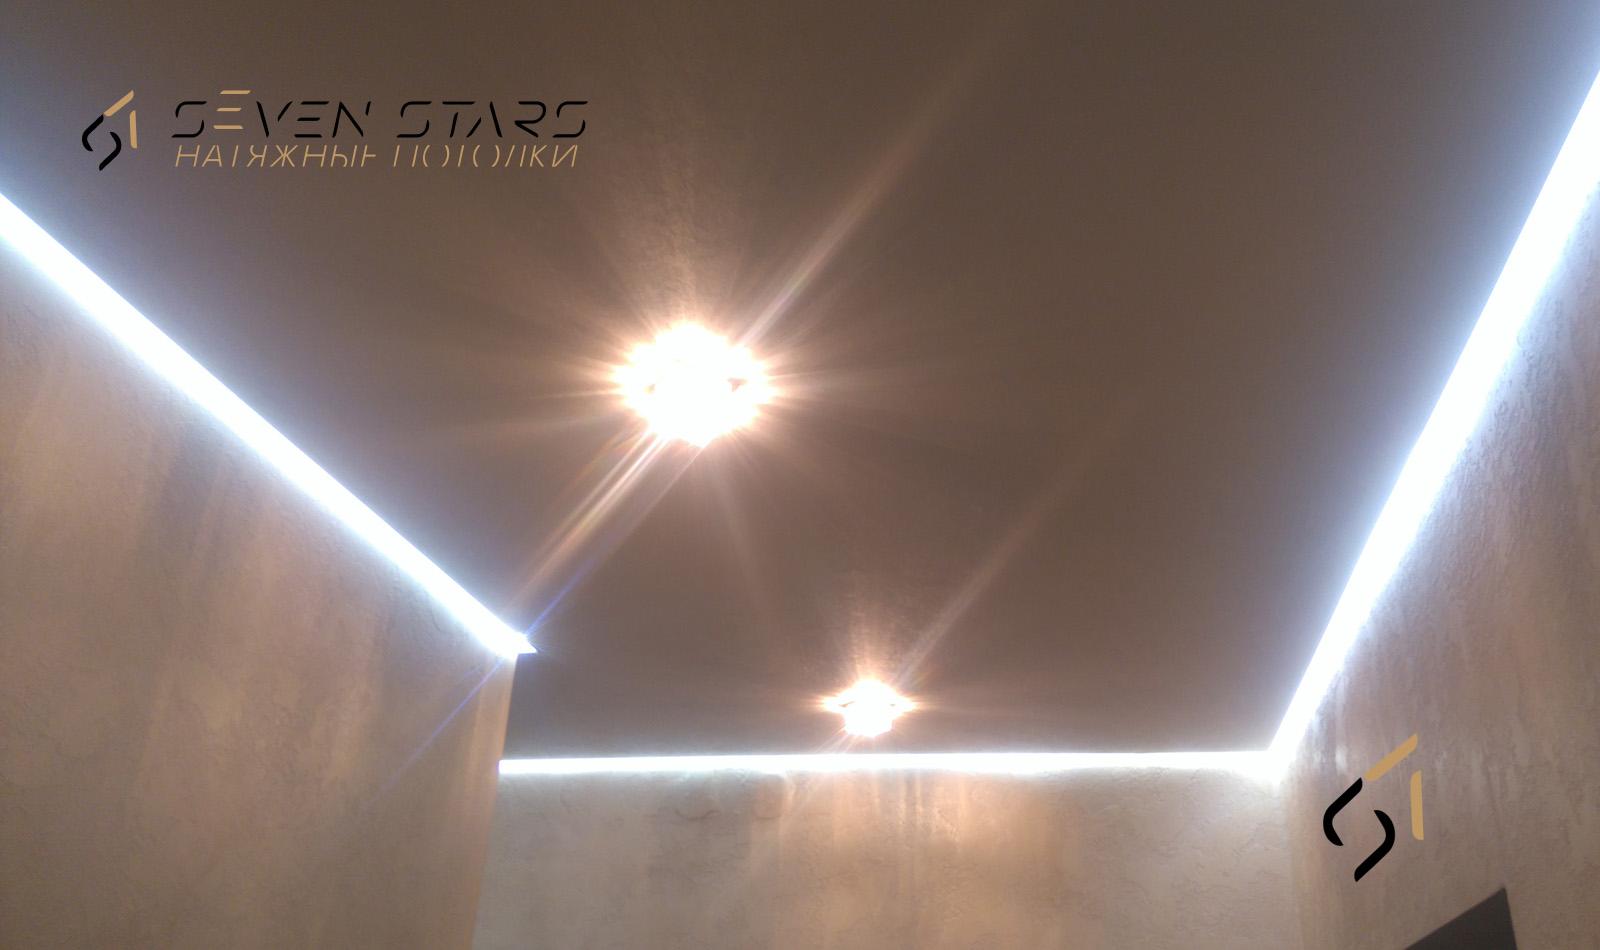 Галерея световых потолков 6